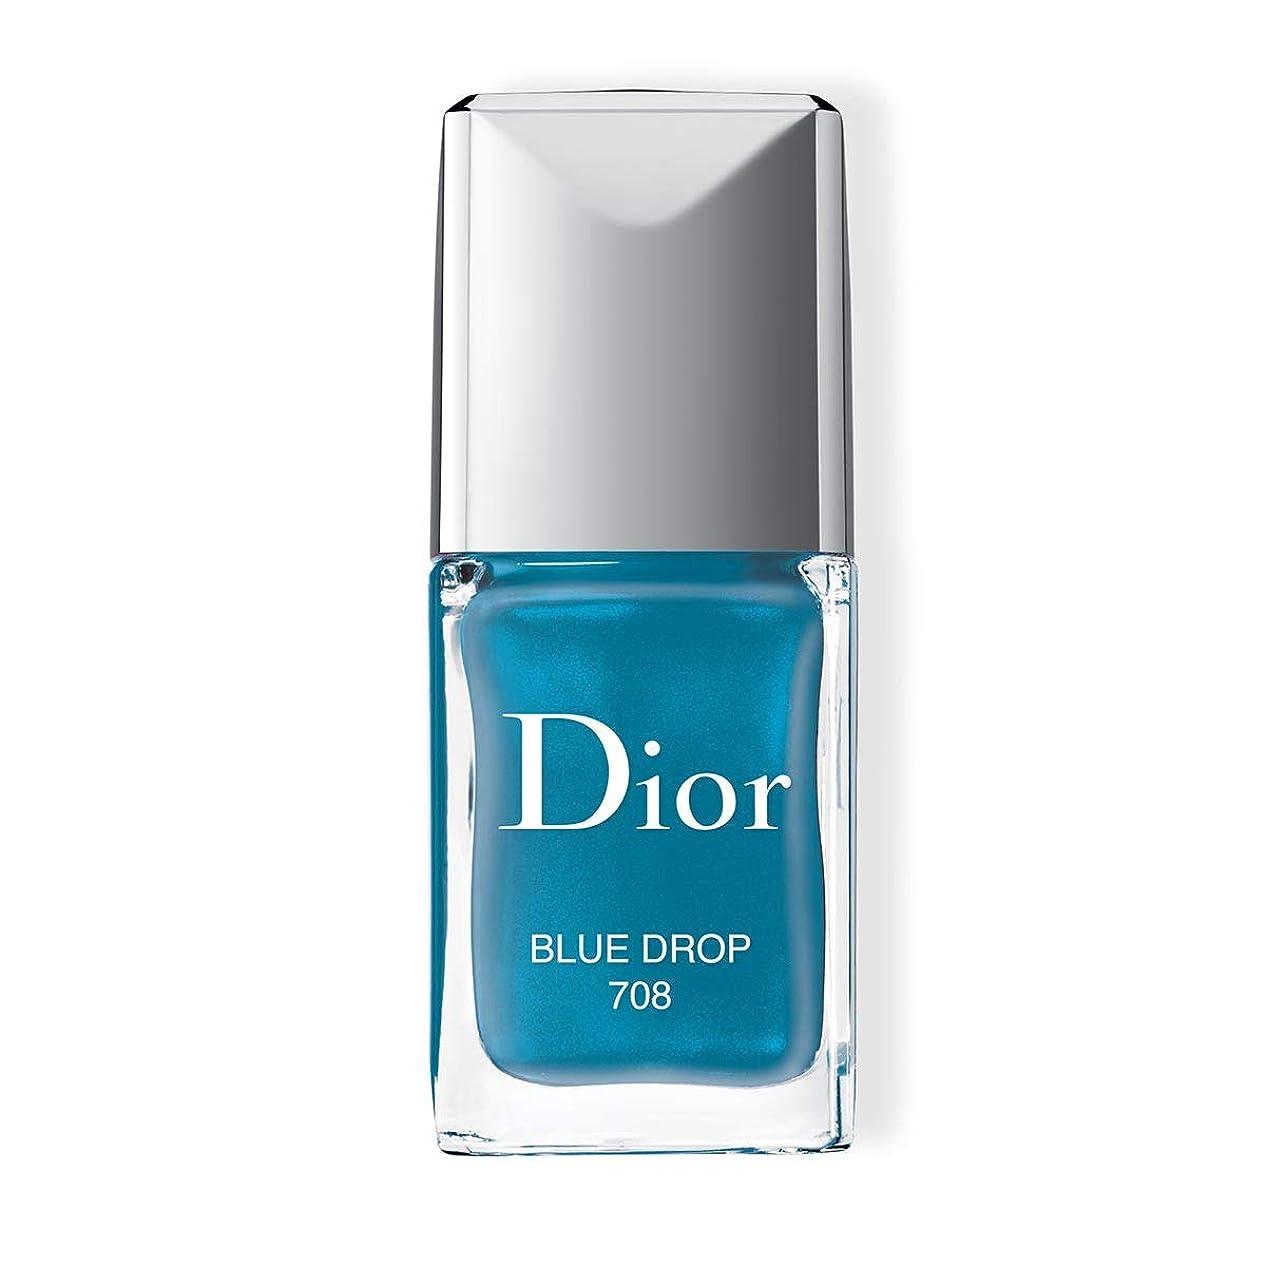 押し下げるロッジDior(ディオール) ディオール ヴェルニ (708 ブルー ドロップ)